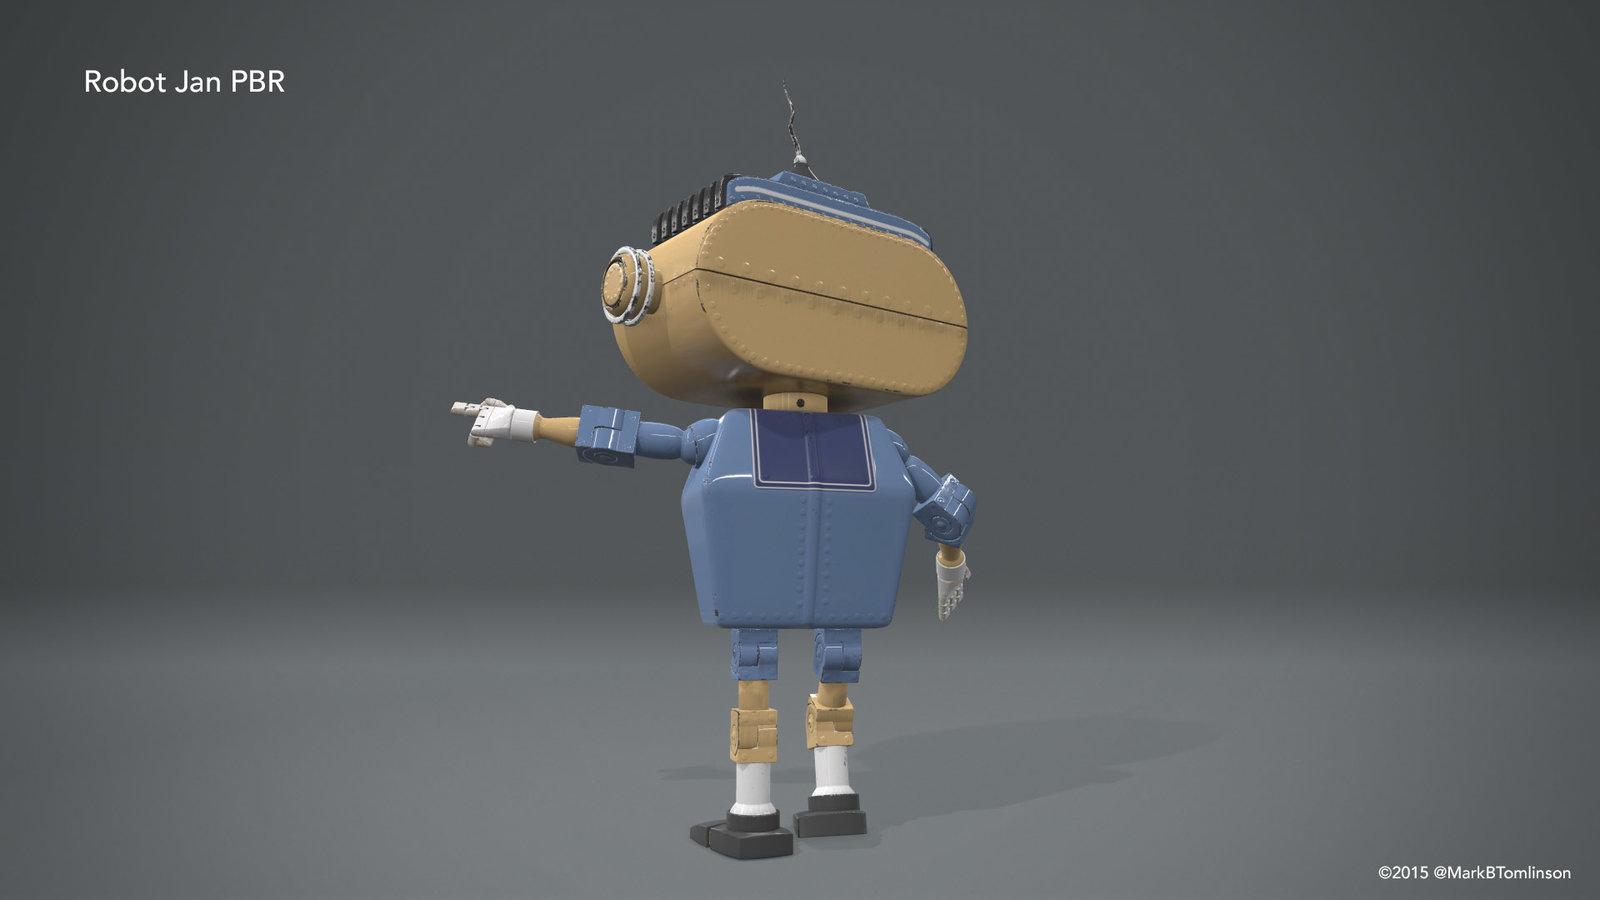 Robot Jan